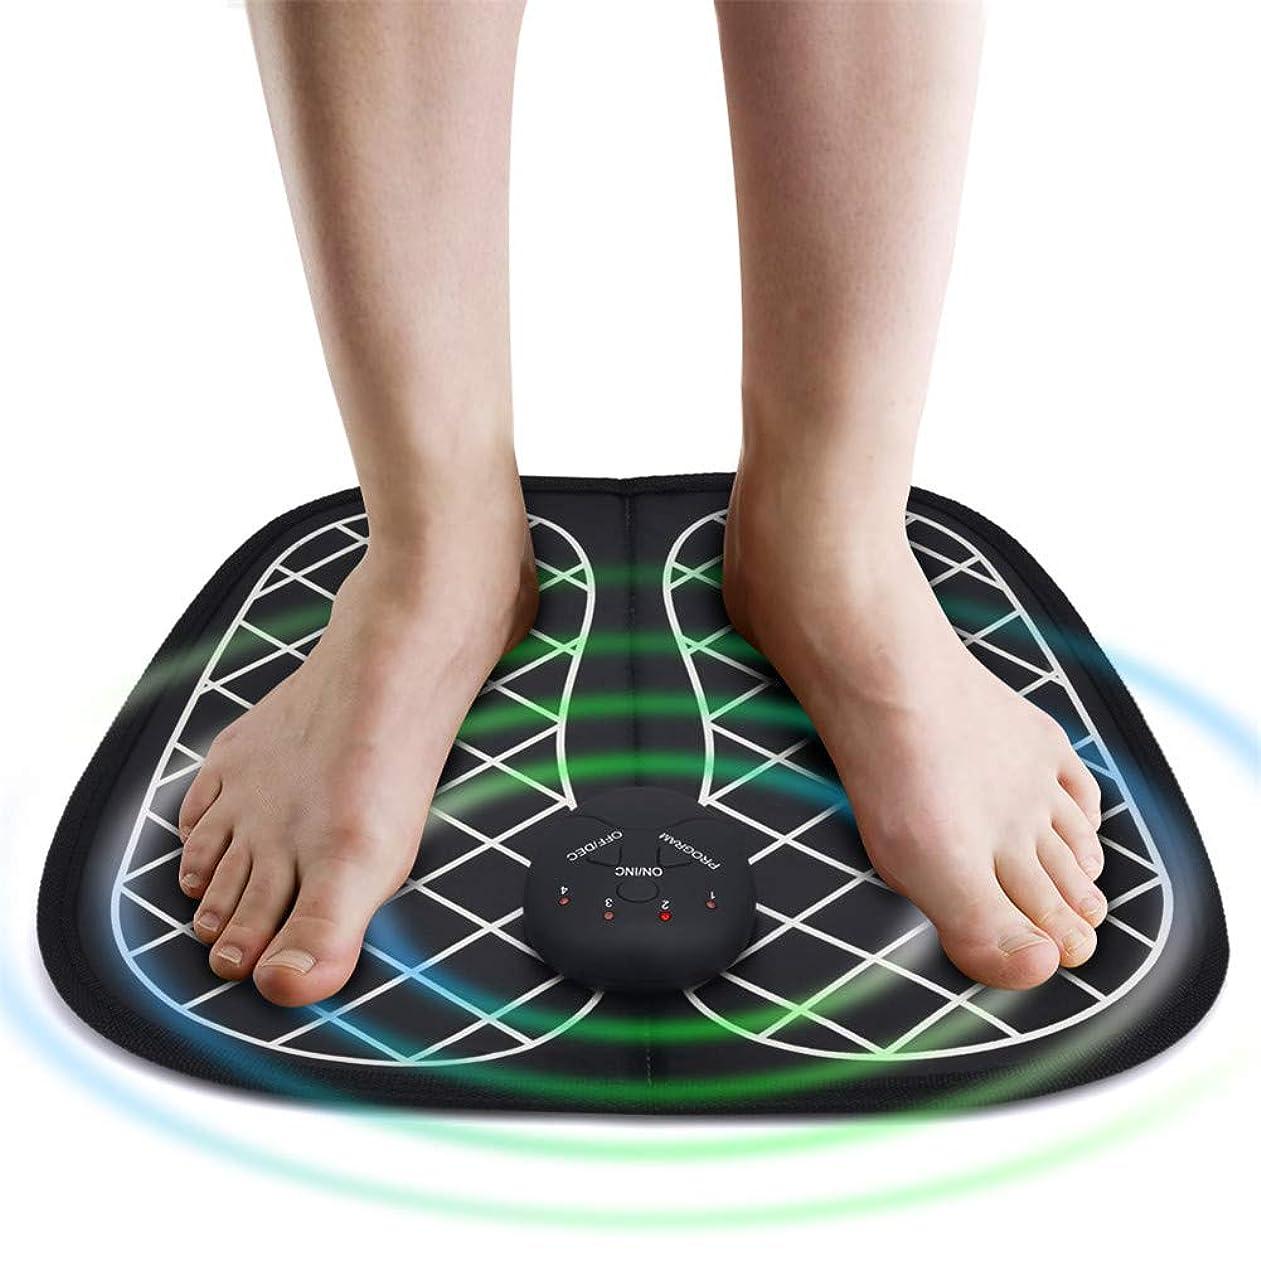 雄大なバレエ放棄された電気フットマッサージャーEMS Abs理学療法若返りフットセラピー多数のワイヤレスフットマッサージャー筋肉刺激装置ユニセックス